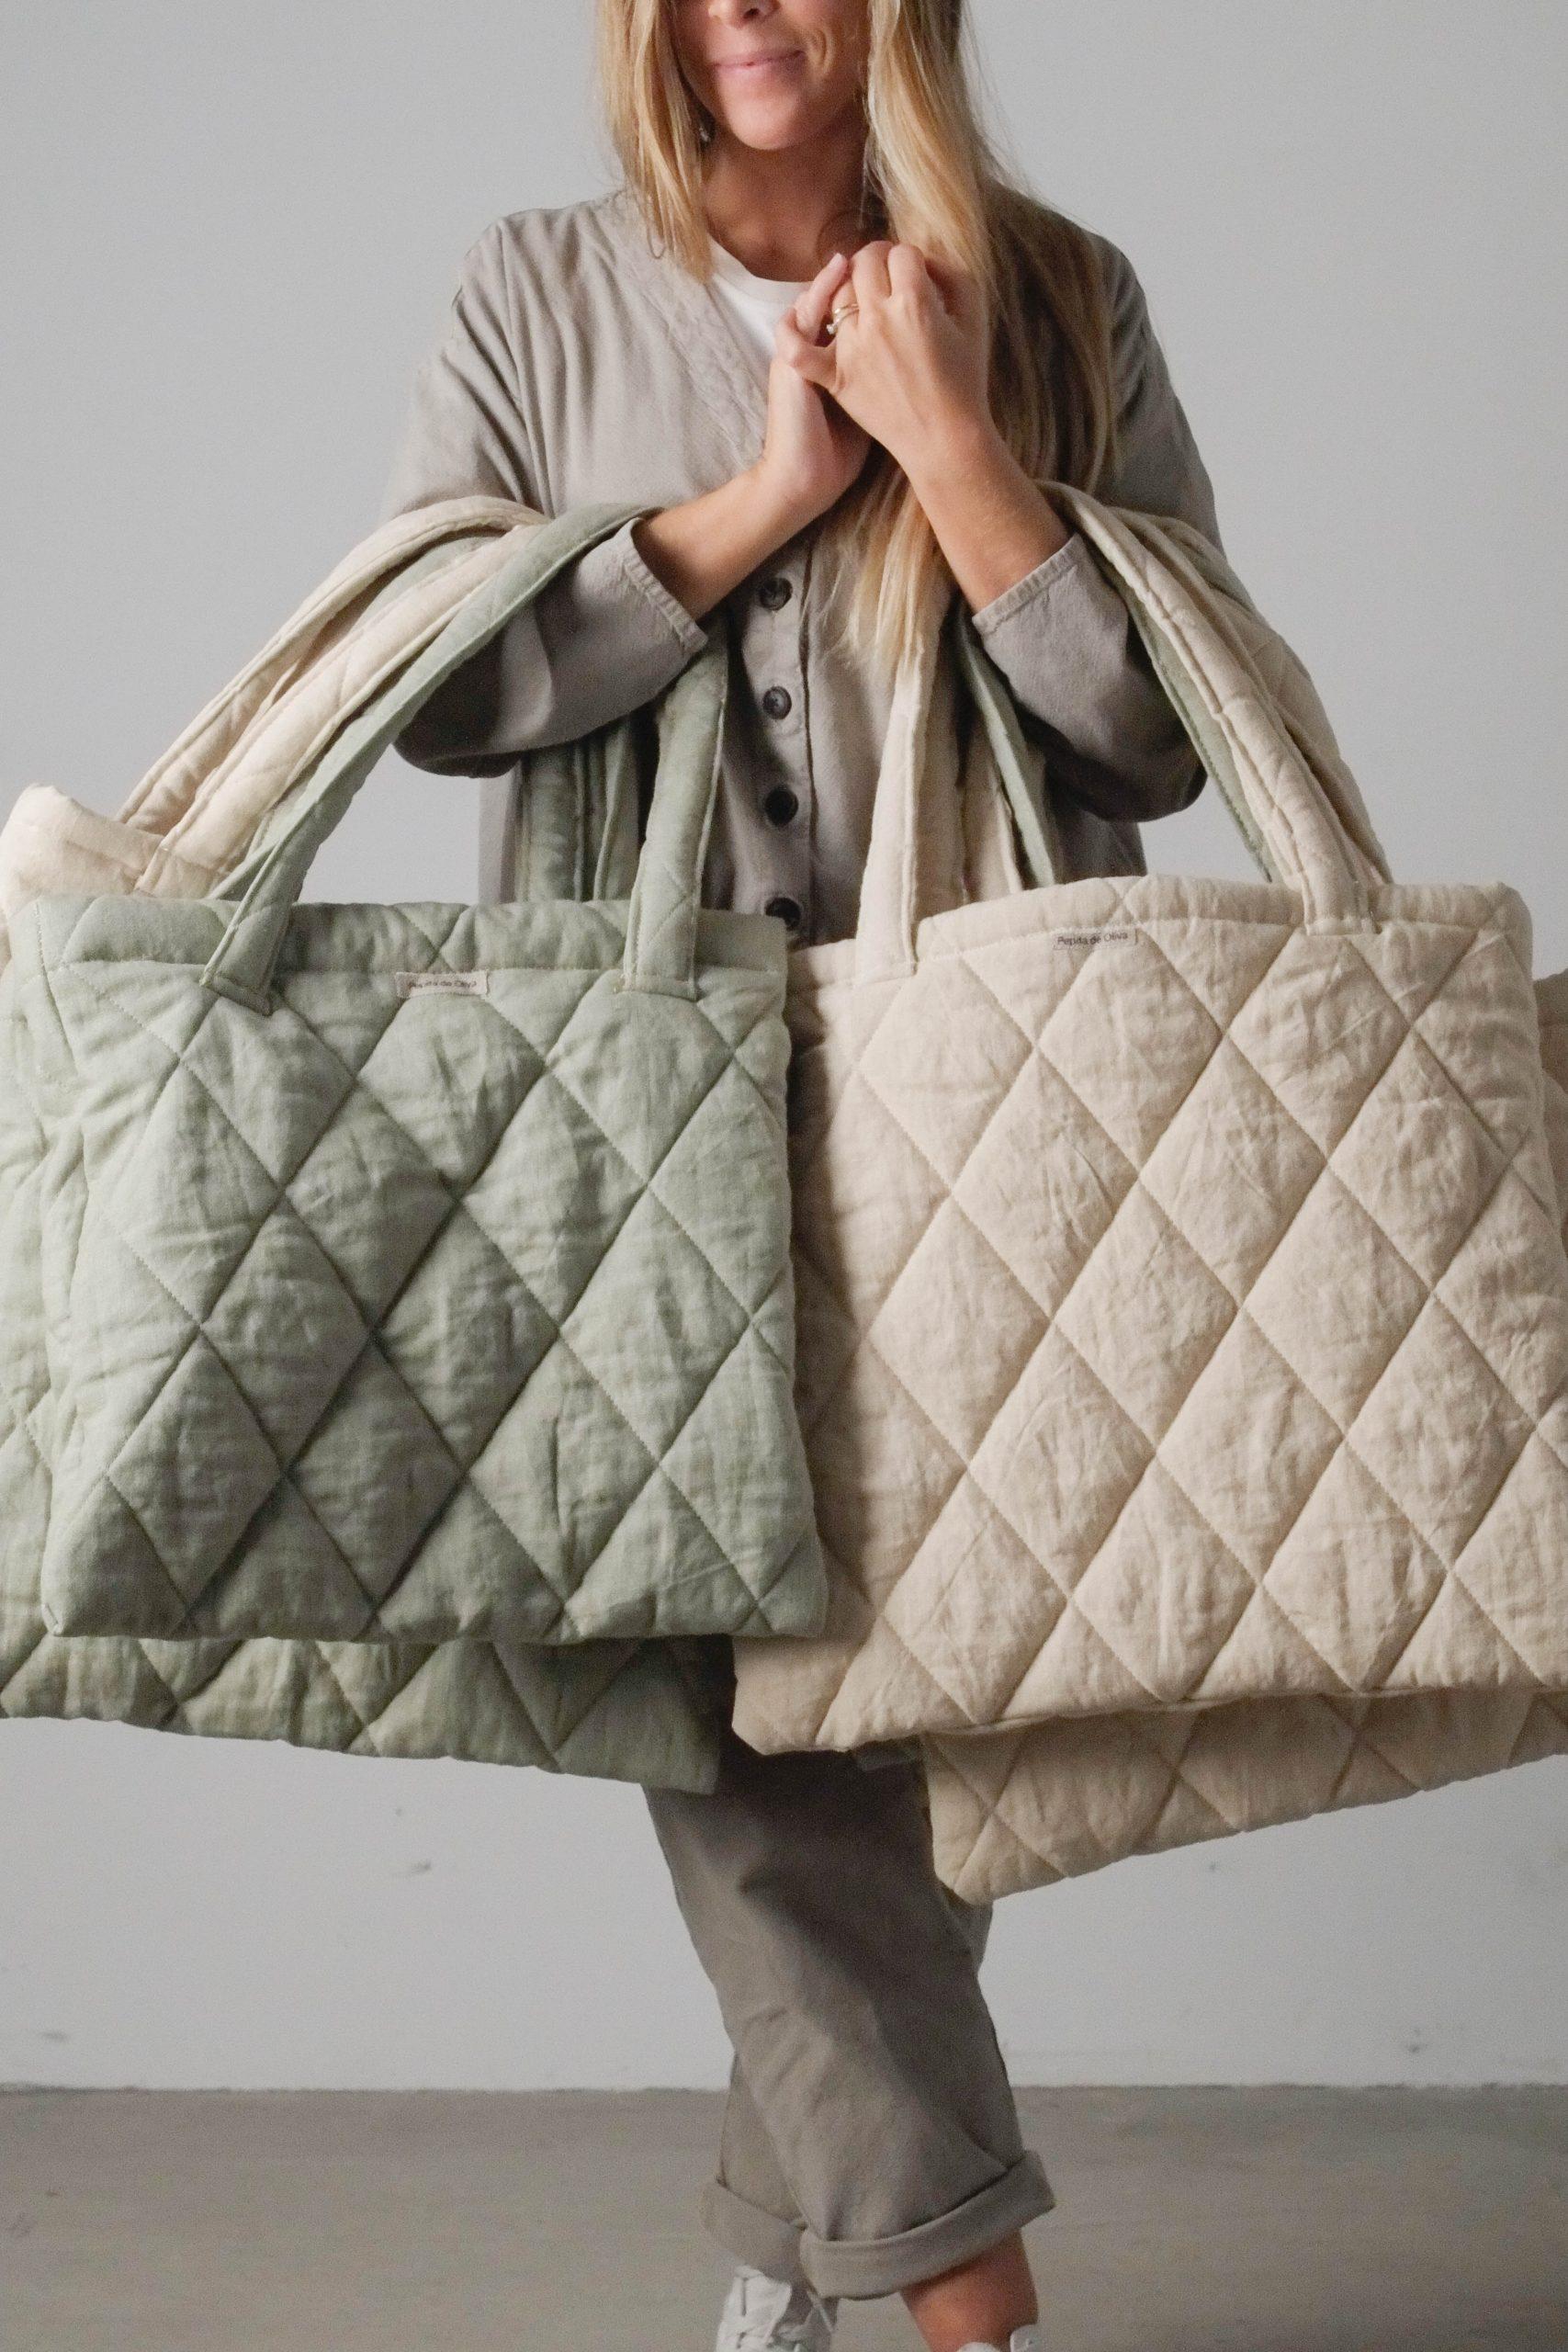 bolsas de diseño tejido acolchado de guata beige verde